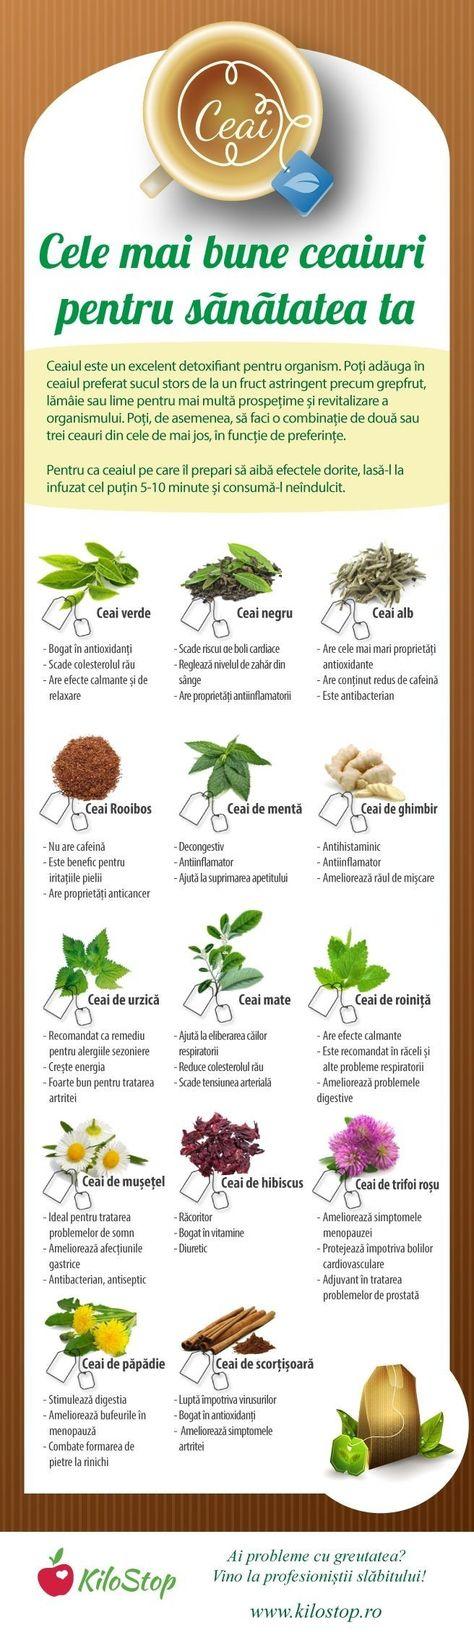 Plante medicinale în tratamentul artrozei artrite